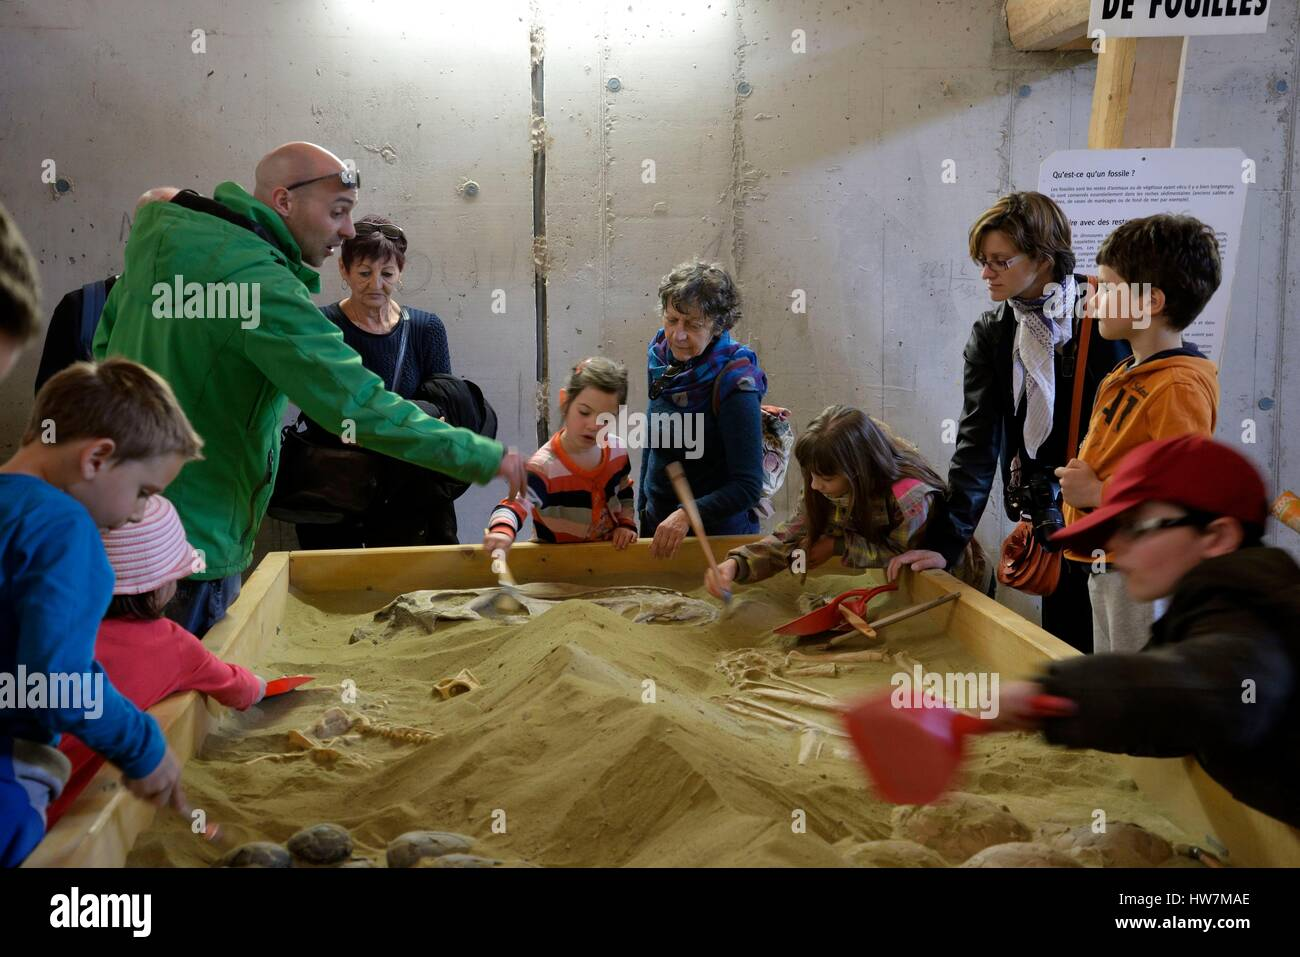 Francia, Doubs, Charbonnieres Les Sapins, Dino Zoo parque prehistórico, animada para niños excavaciones Imagen De Stock